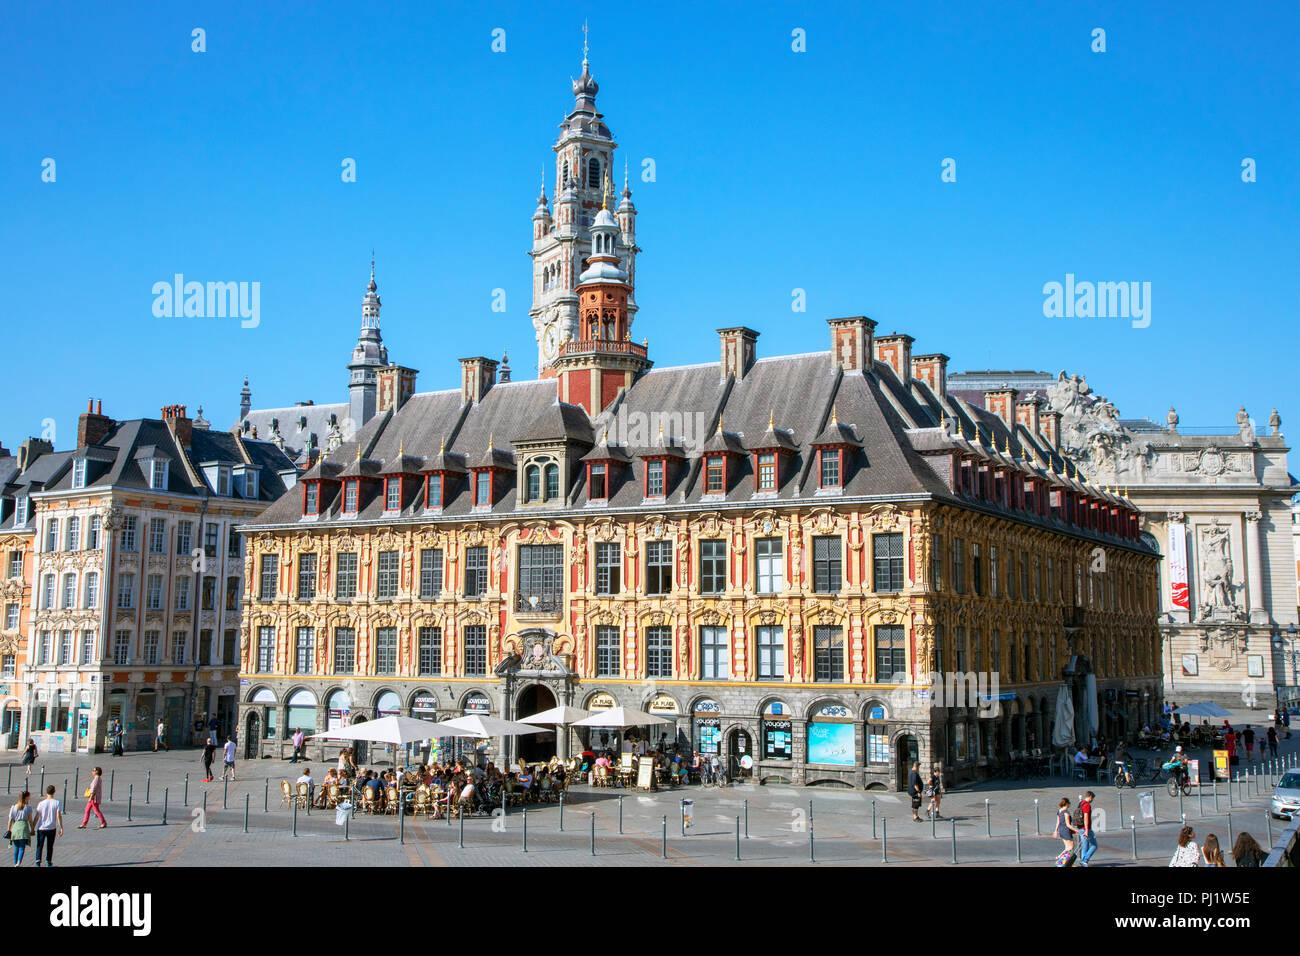 La Vielle Bourse de Lille, originalmente el edificio de la Cámara de Comercio, situada en la Grand Place, cerca de la Place du Général de Gaulle, ahora alberga cafeterías, Imagen De Stock